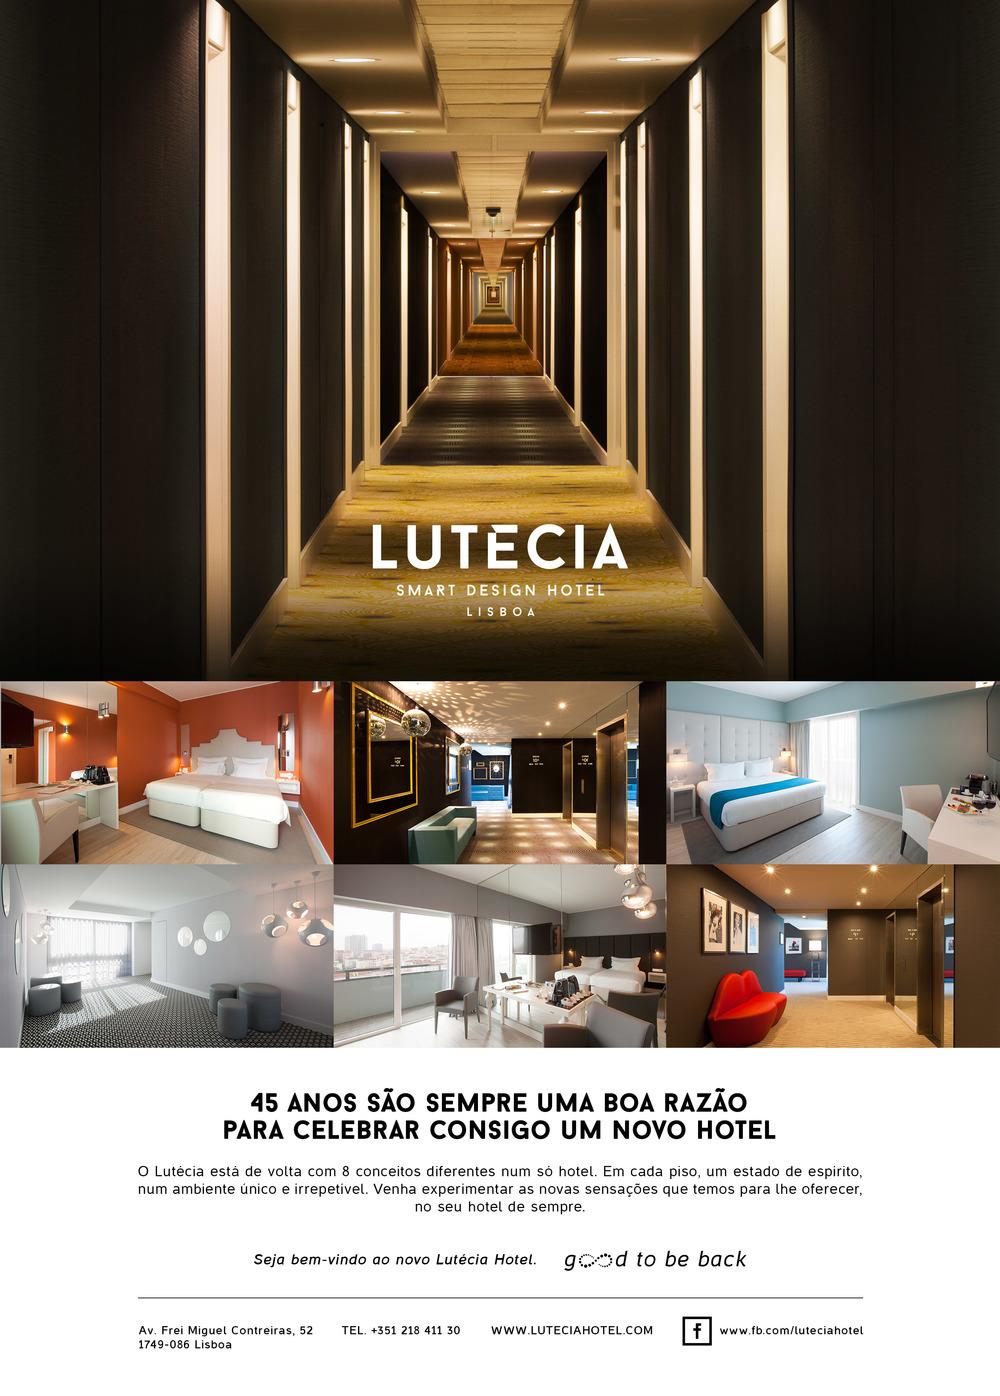 Lutecia_Anuncio_Publituris_240x335_V2.jpg